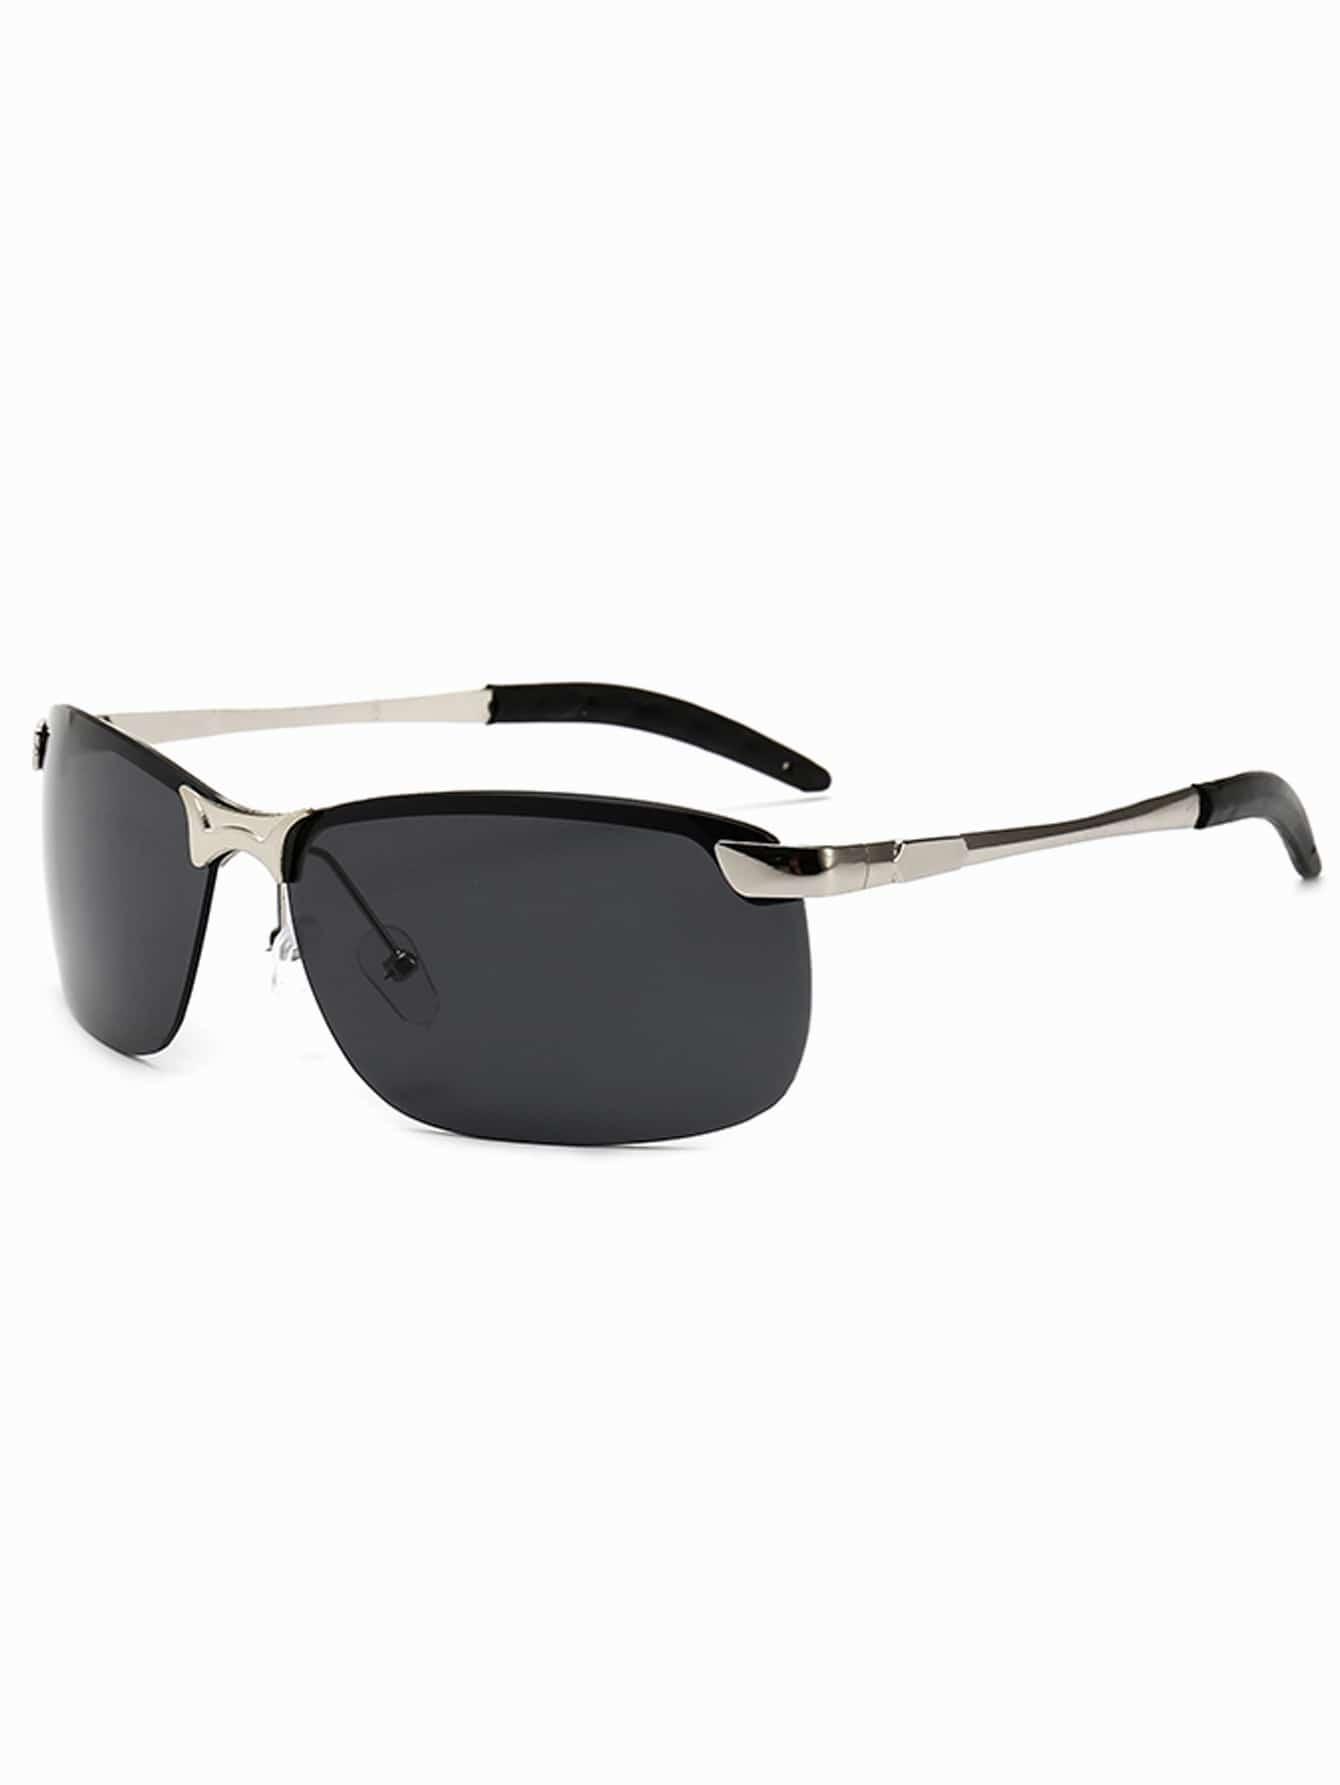 Мужчины Полу Без Оправы Солнцезащитные Очки